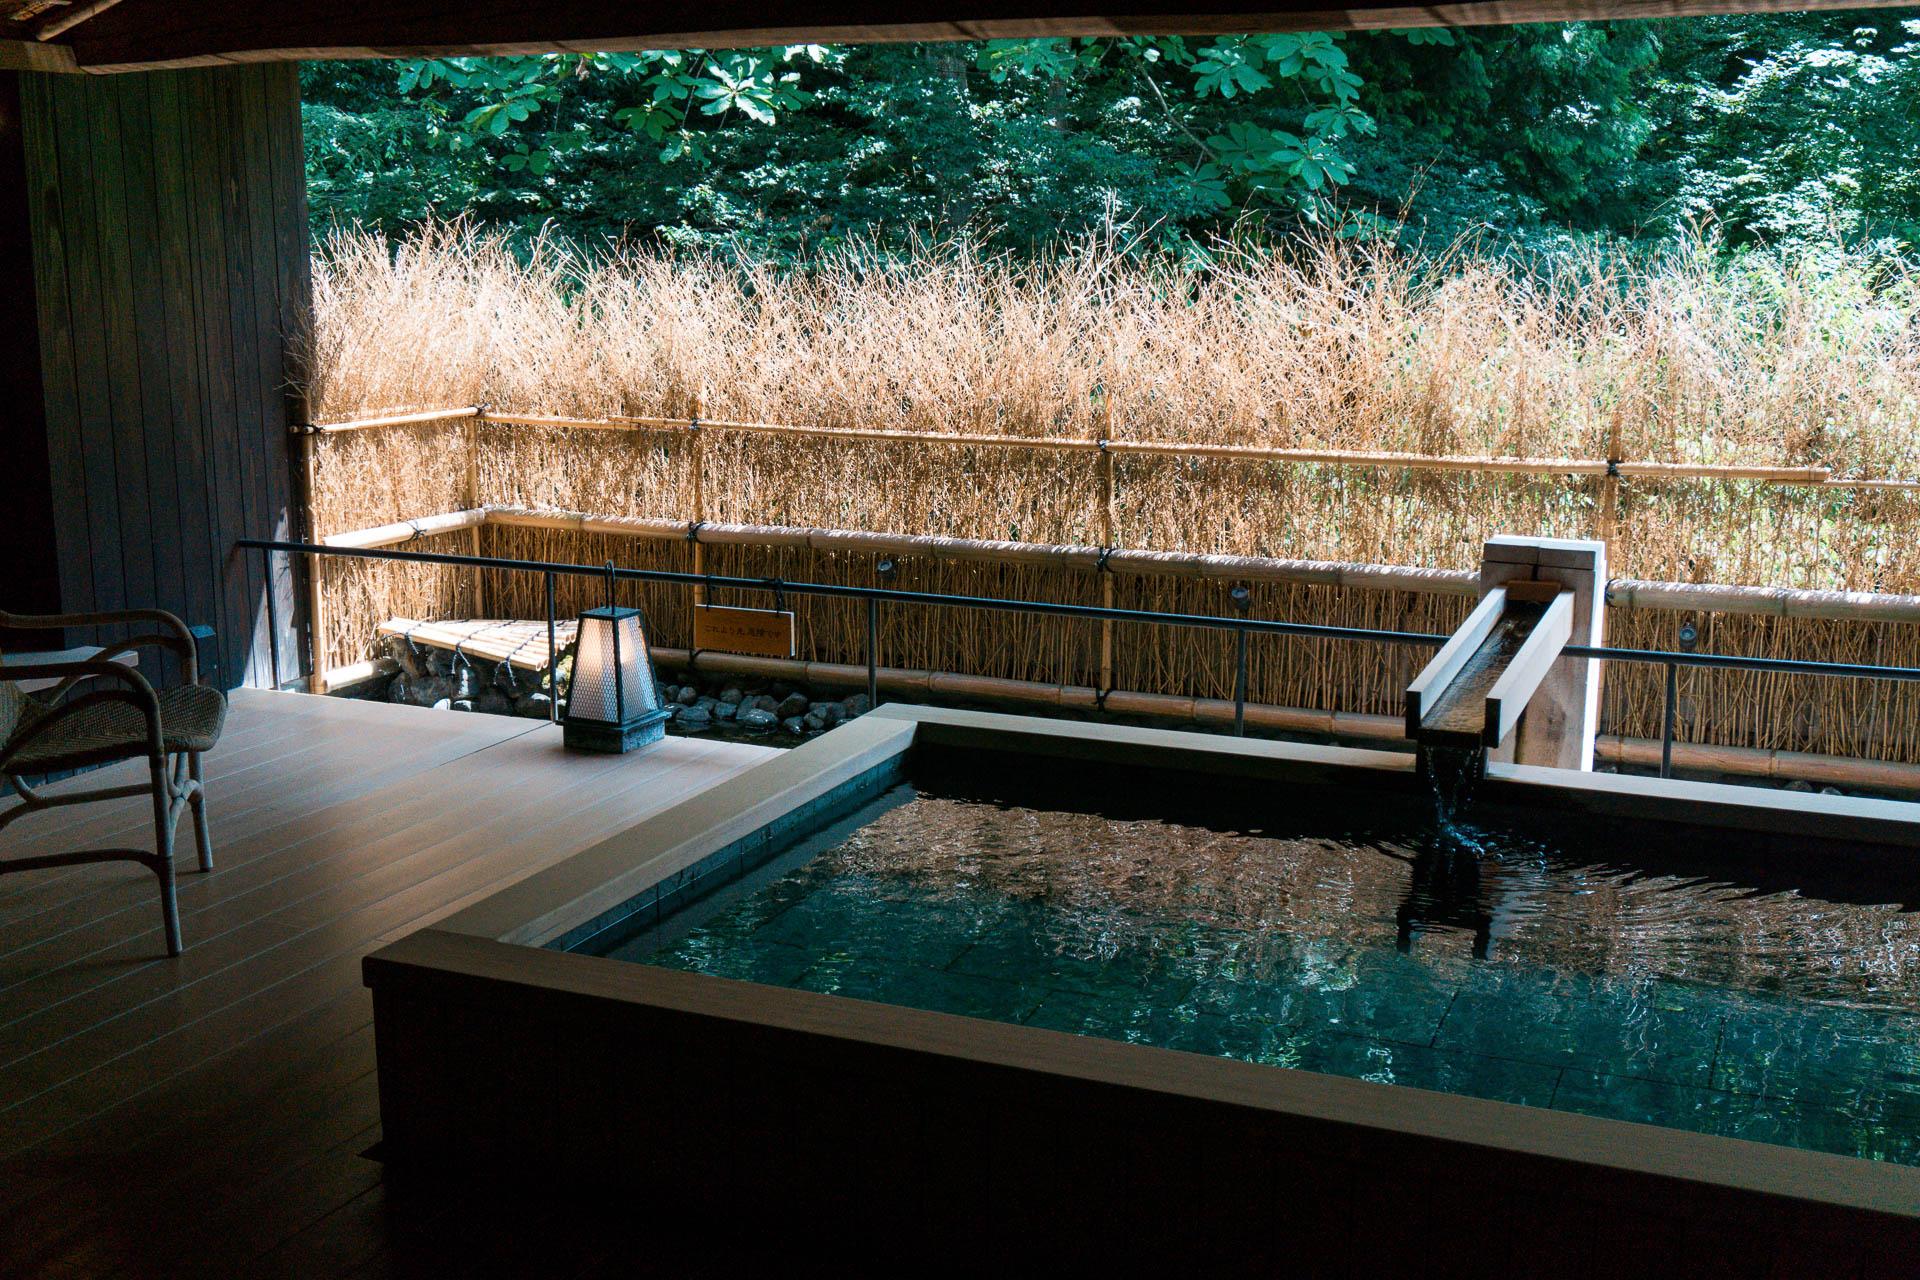 Japanese style private onsen at Nishimuraya Hotel Shogetsutei - Kinosaki Onsen ryokan